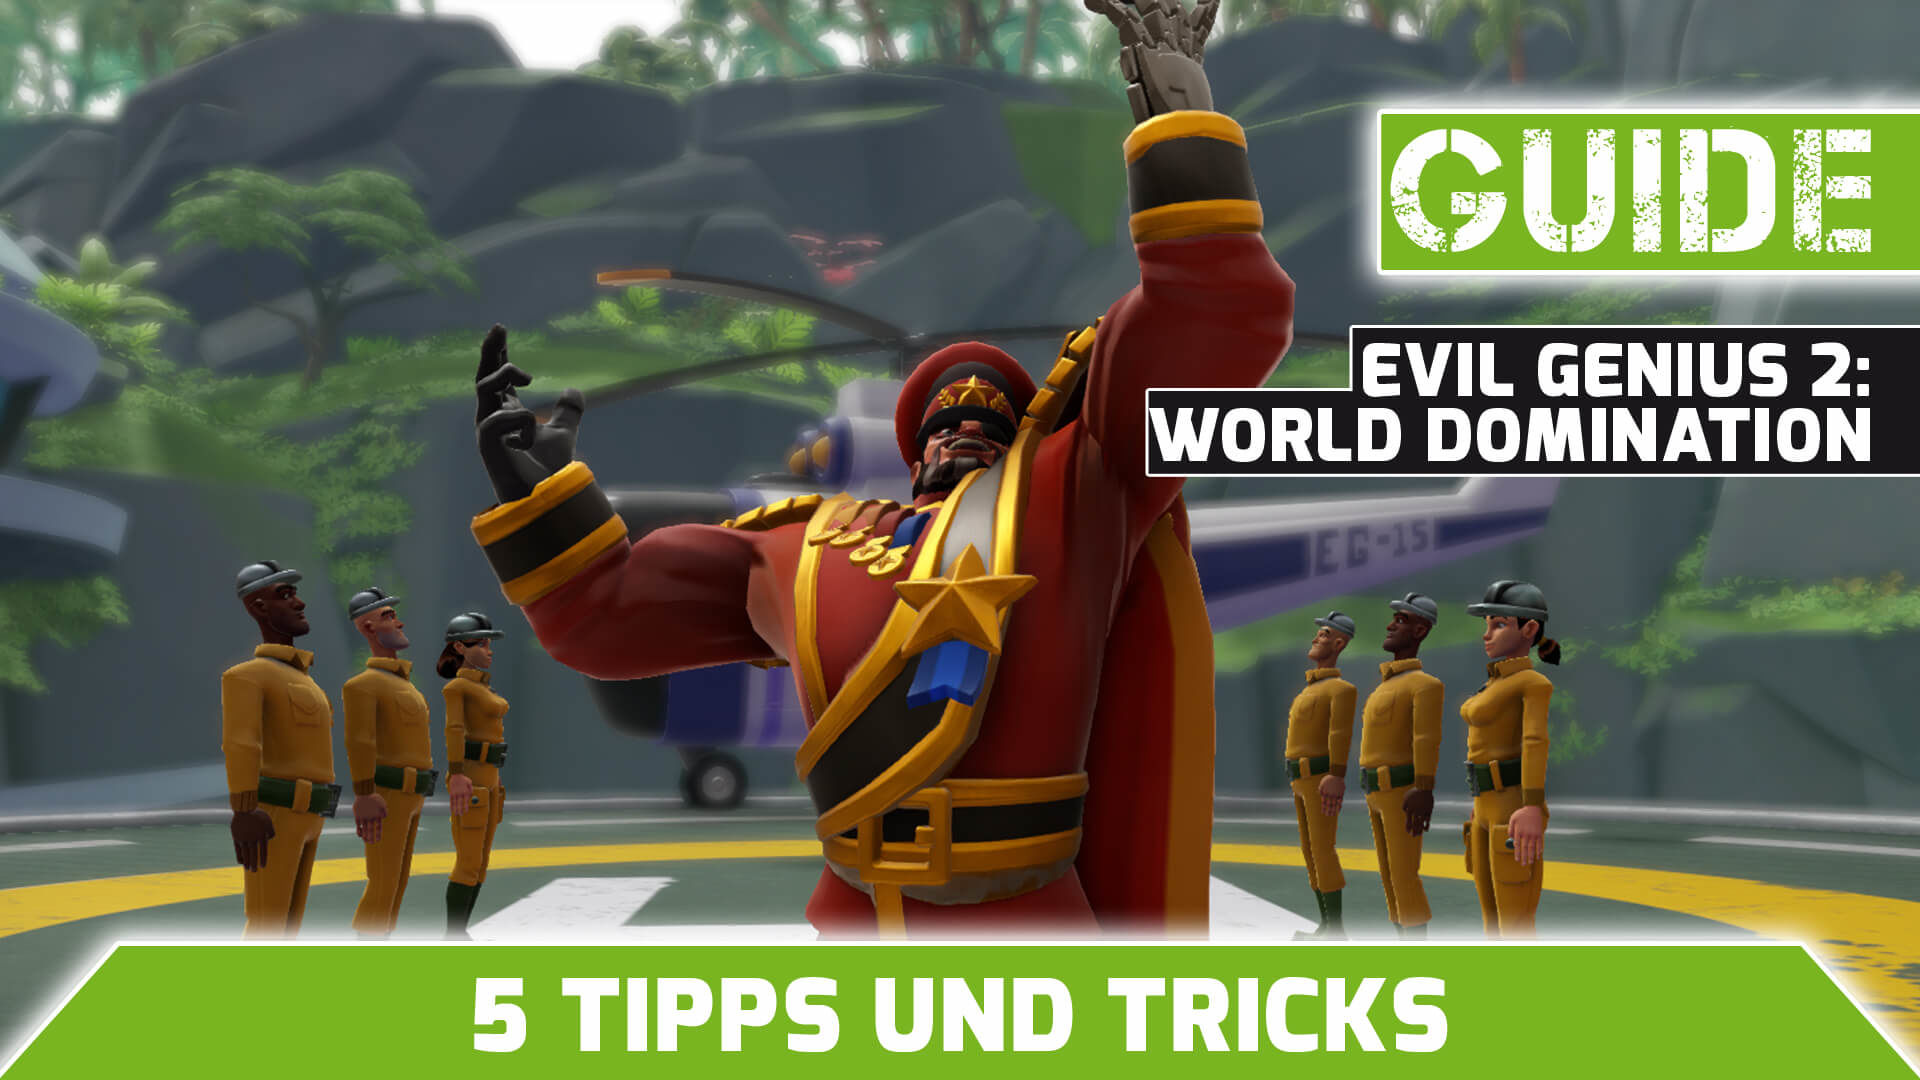 Evil-Genius-2-Tipps-und-Tricks